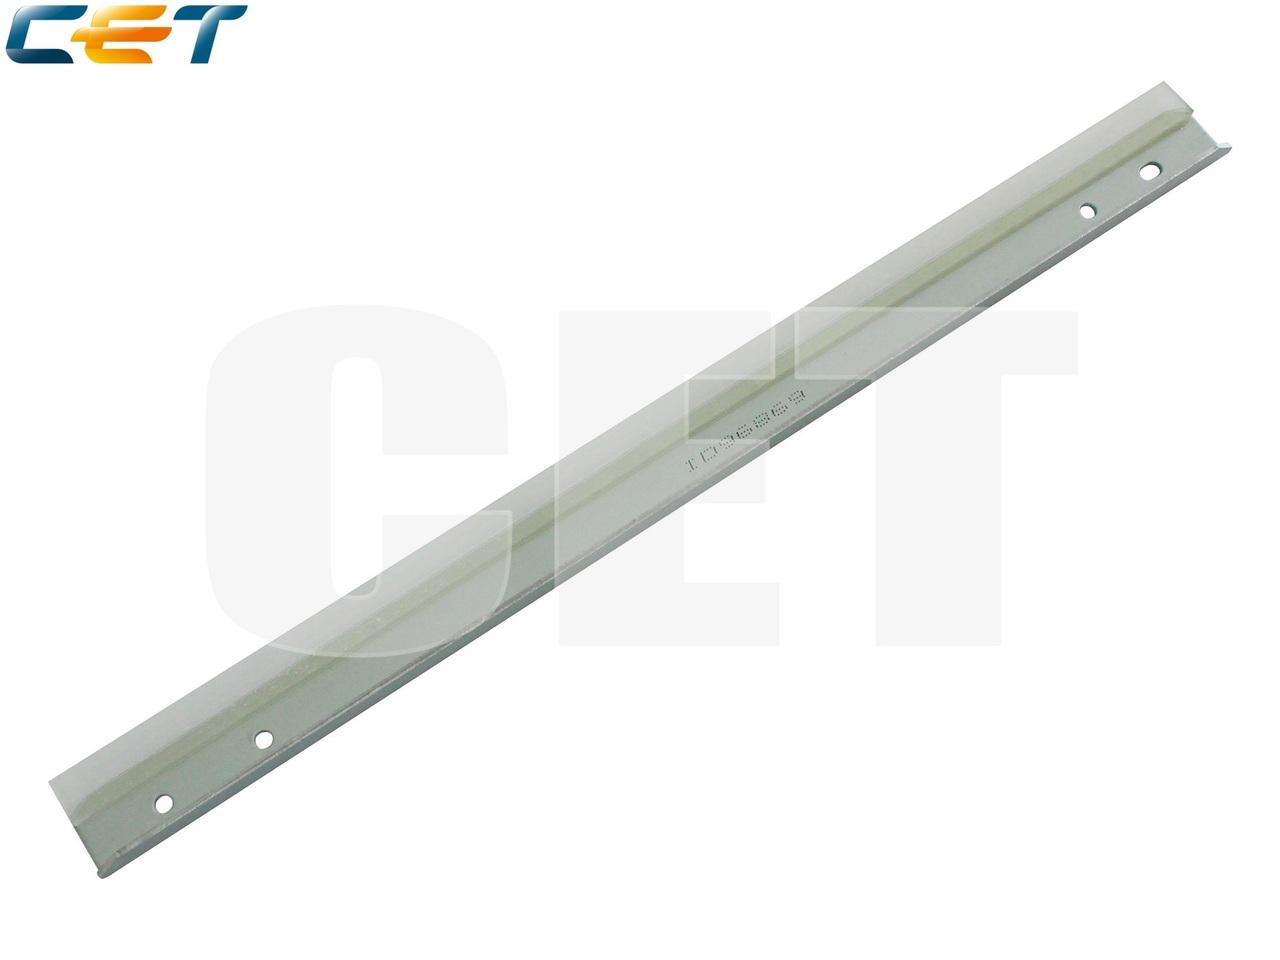 Лезвие очистки ленты переноса AD04-1135 для RICOH AficioMP4000/MP5000/MP4000B/MP5000B (CET), CET6869